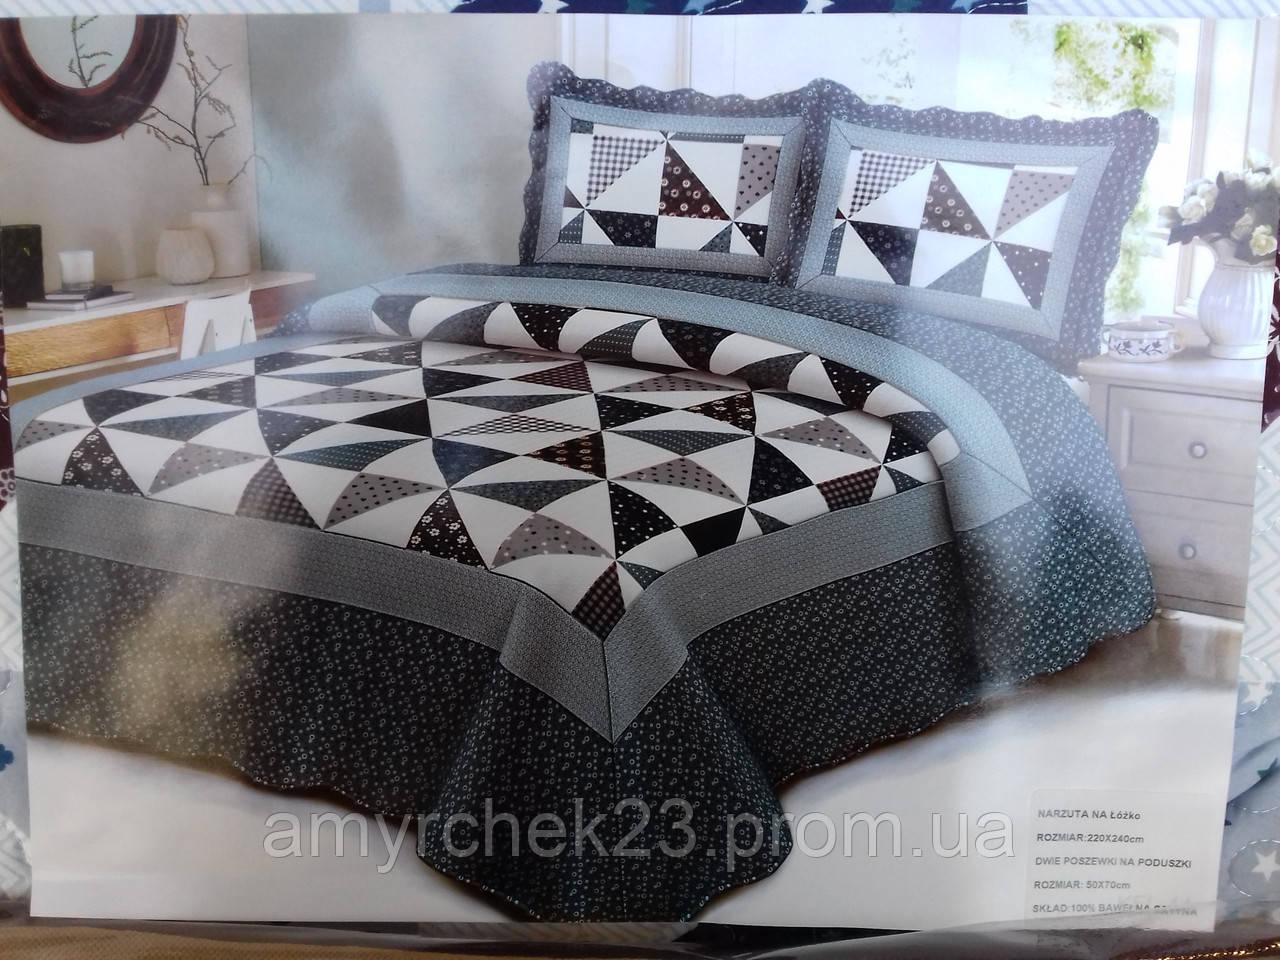 Покрывало на кровать с наволочками евро размер стеганое - купить по ... d3060644d5338